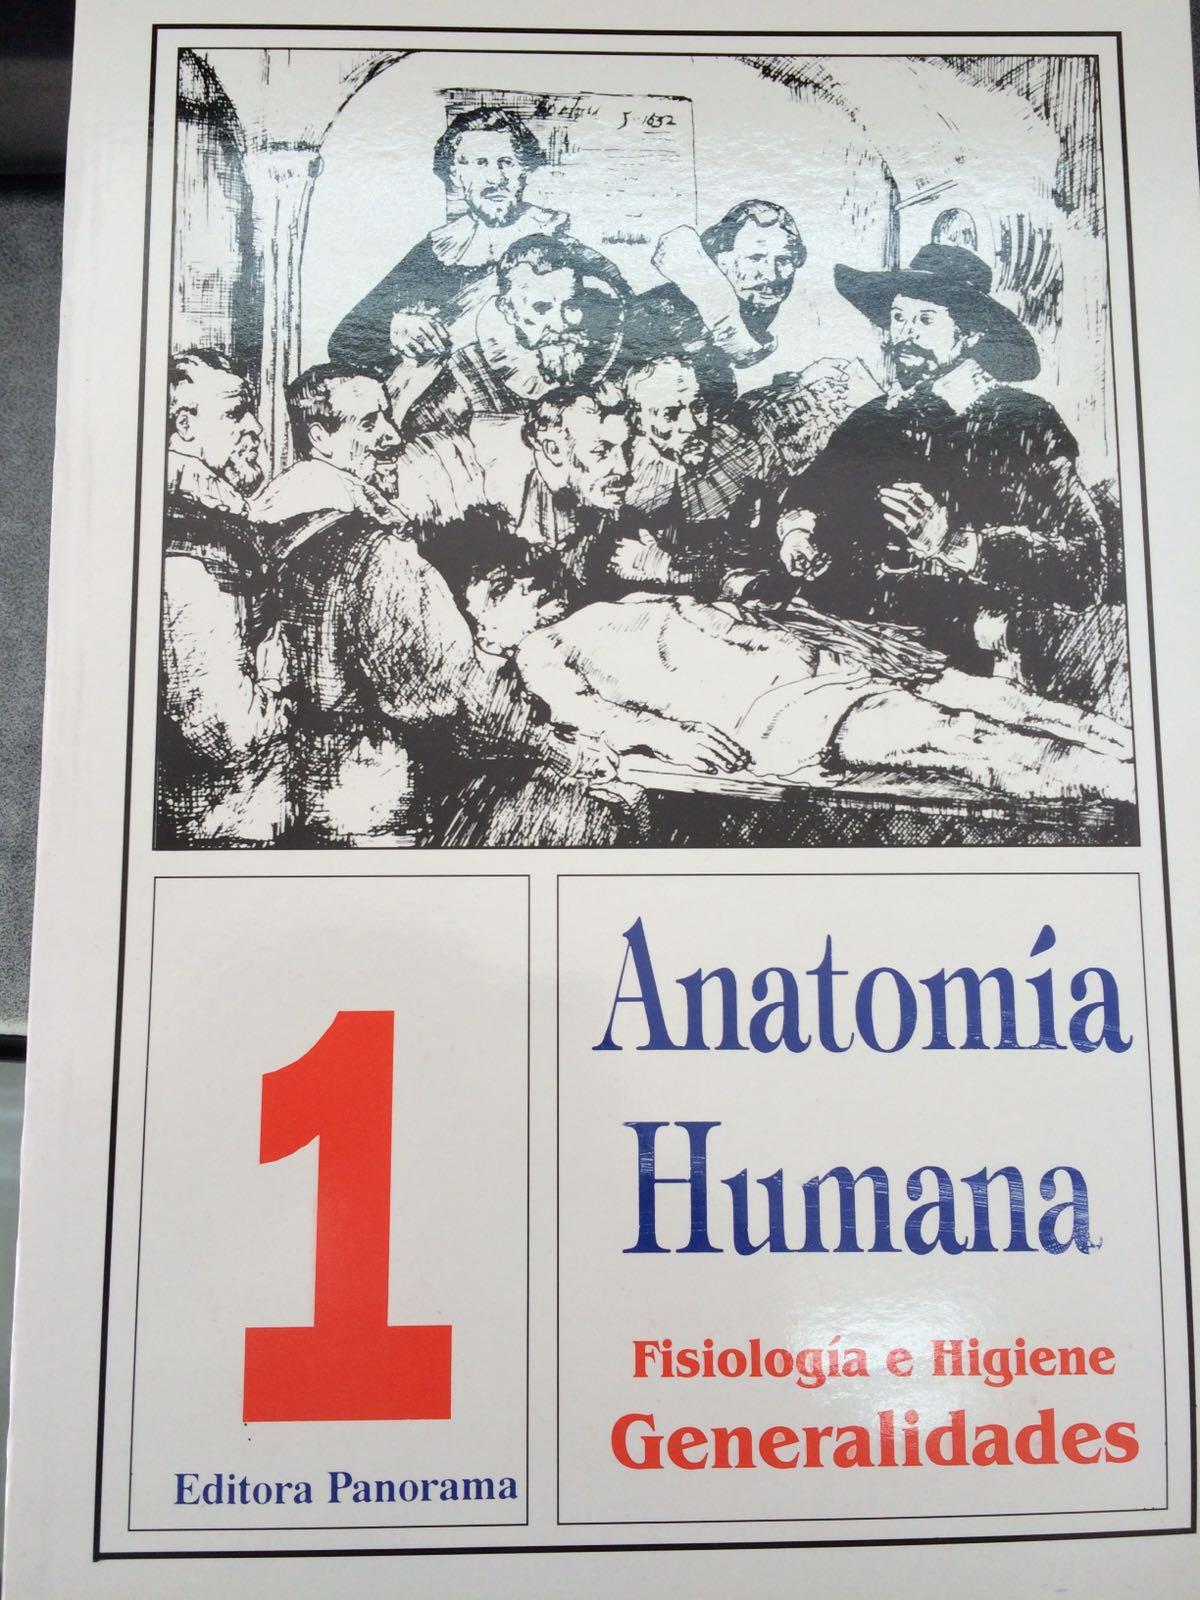 ANATOMIA HUMANA. FISIOLOGIA E HIGIENE. GENERALIDADES – Cedisa Libros